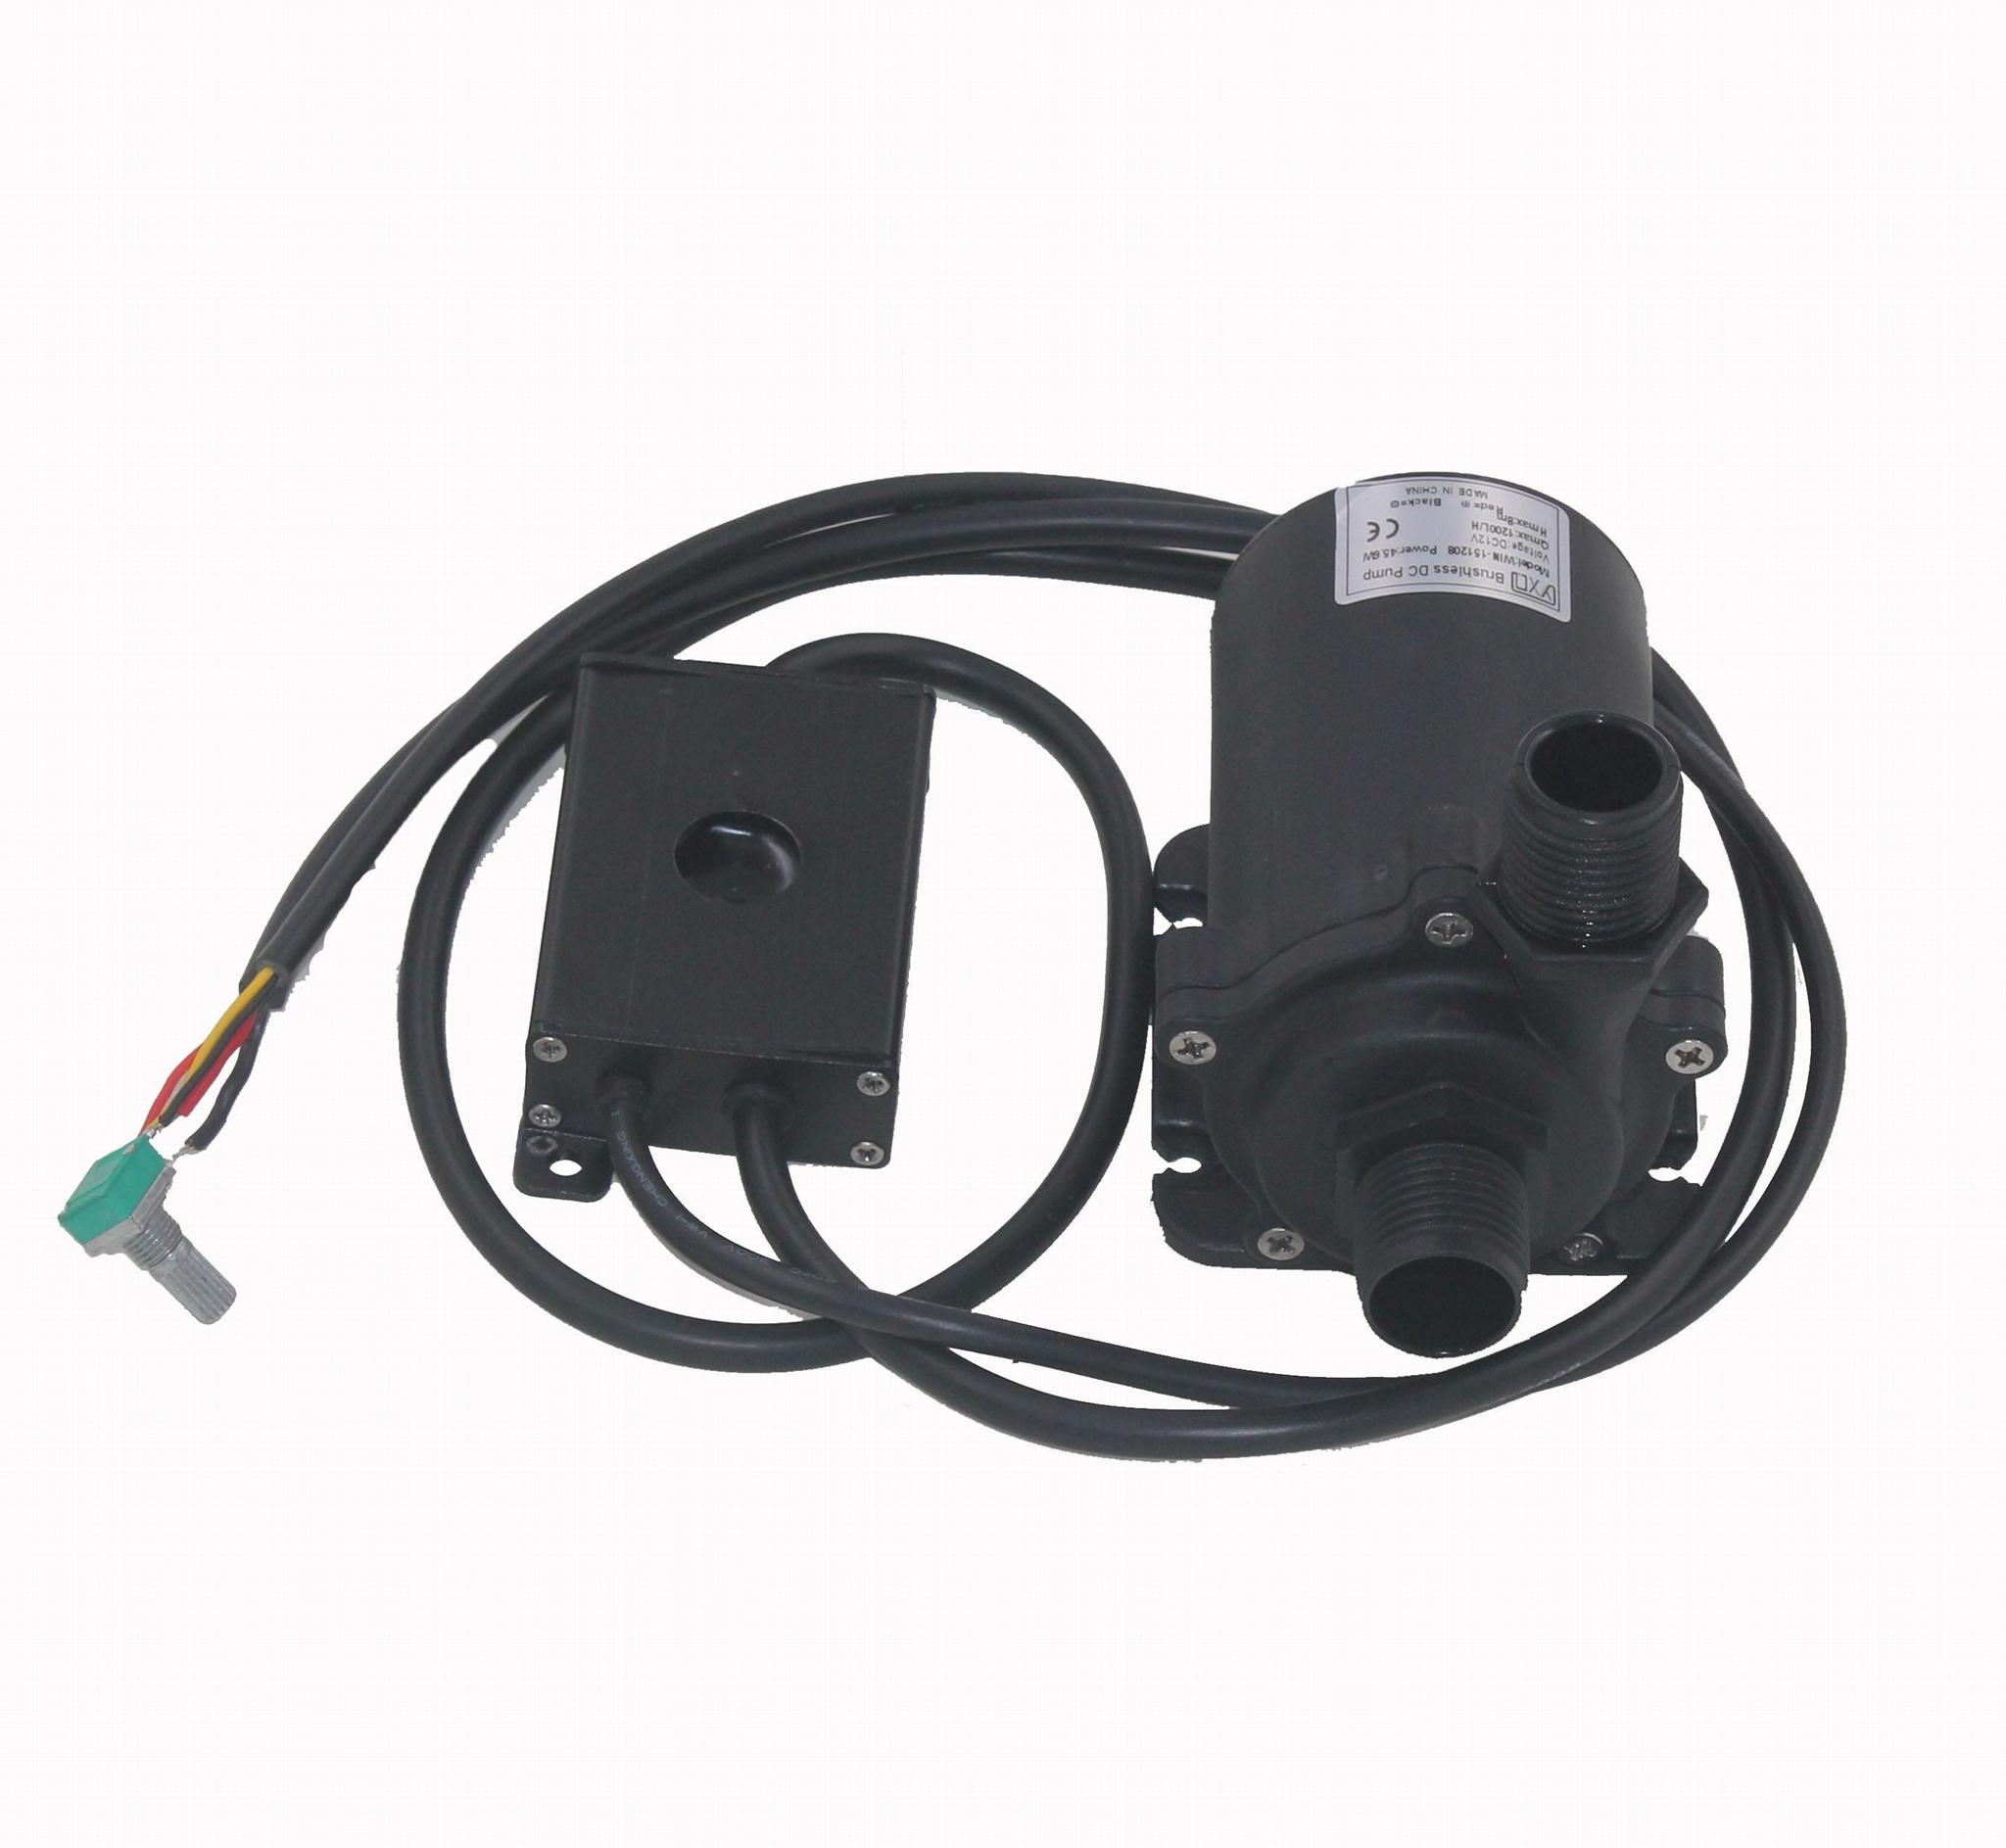 DC 12V 循环泵太阳能水泵系统/太阳能泵系统 5